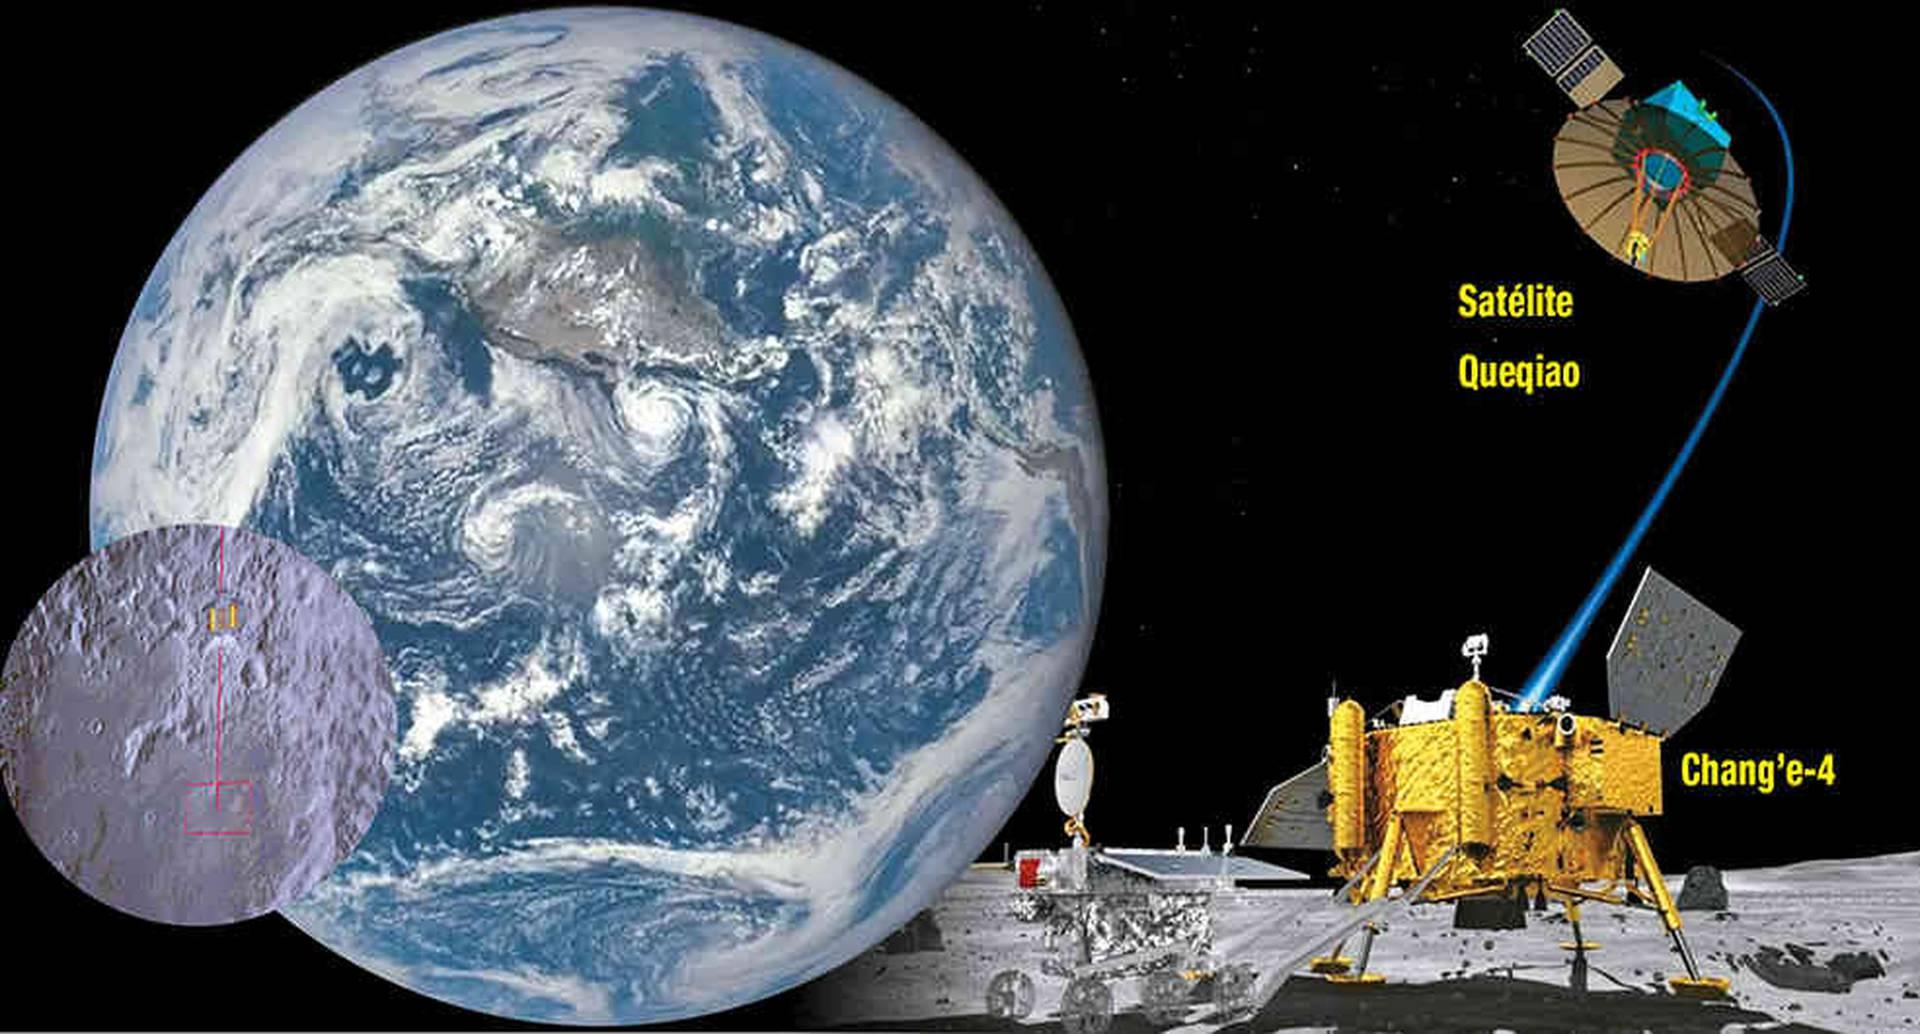 En 1959 un asonda soviética fotografió por primera vez el lado desconocido de la Luna. Desde entonces, varios han cartografiado su superficie. Con el hito de Chang'e 4, los científicos esperan avanzar en las teorías sobre el origen del satélite natural.